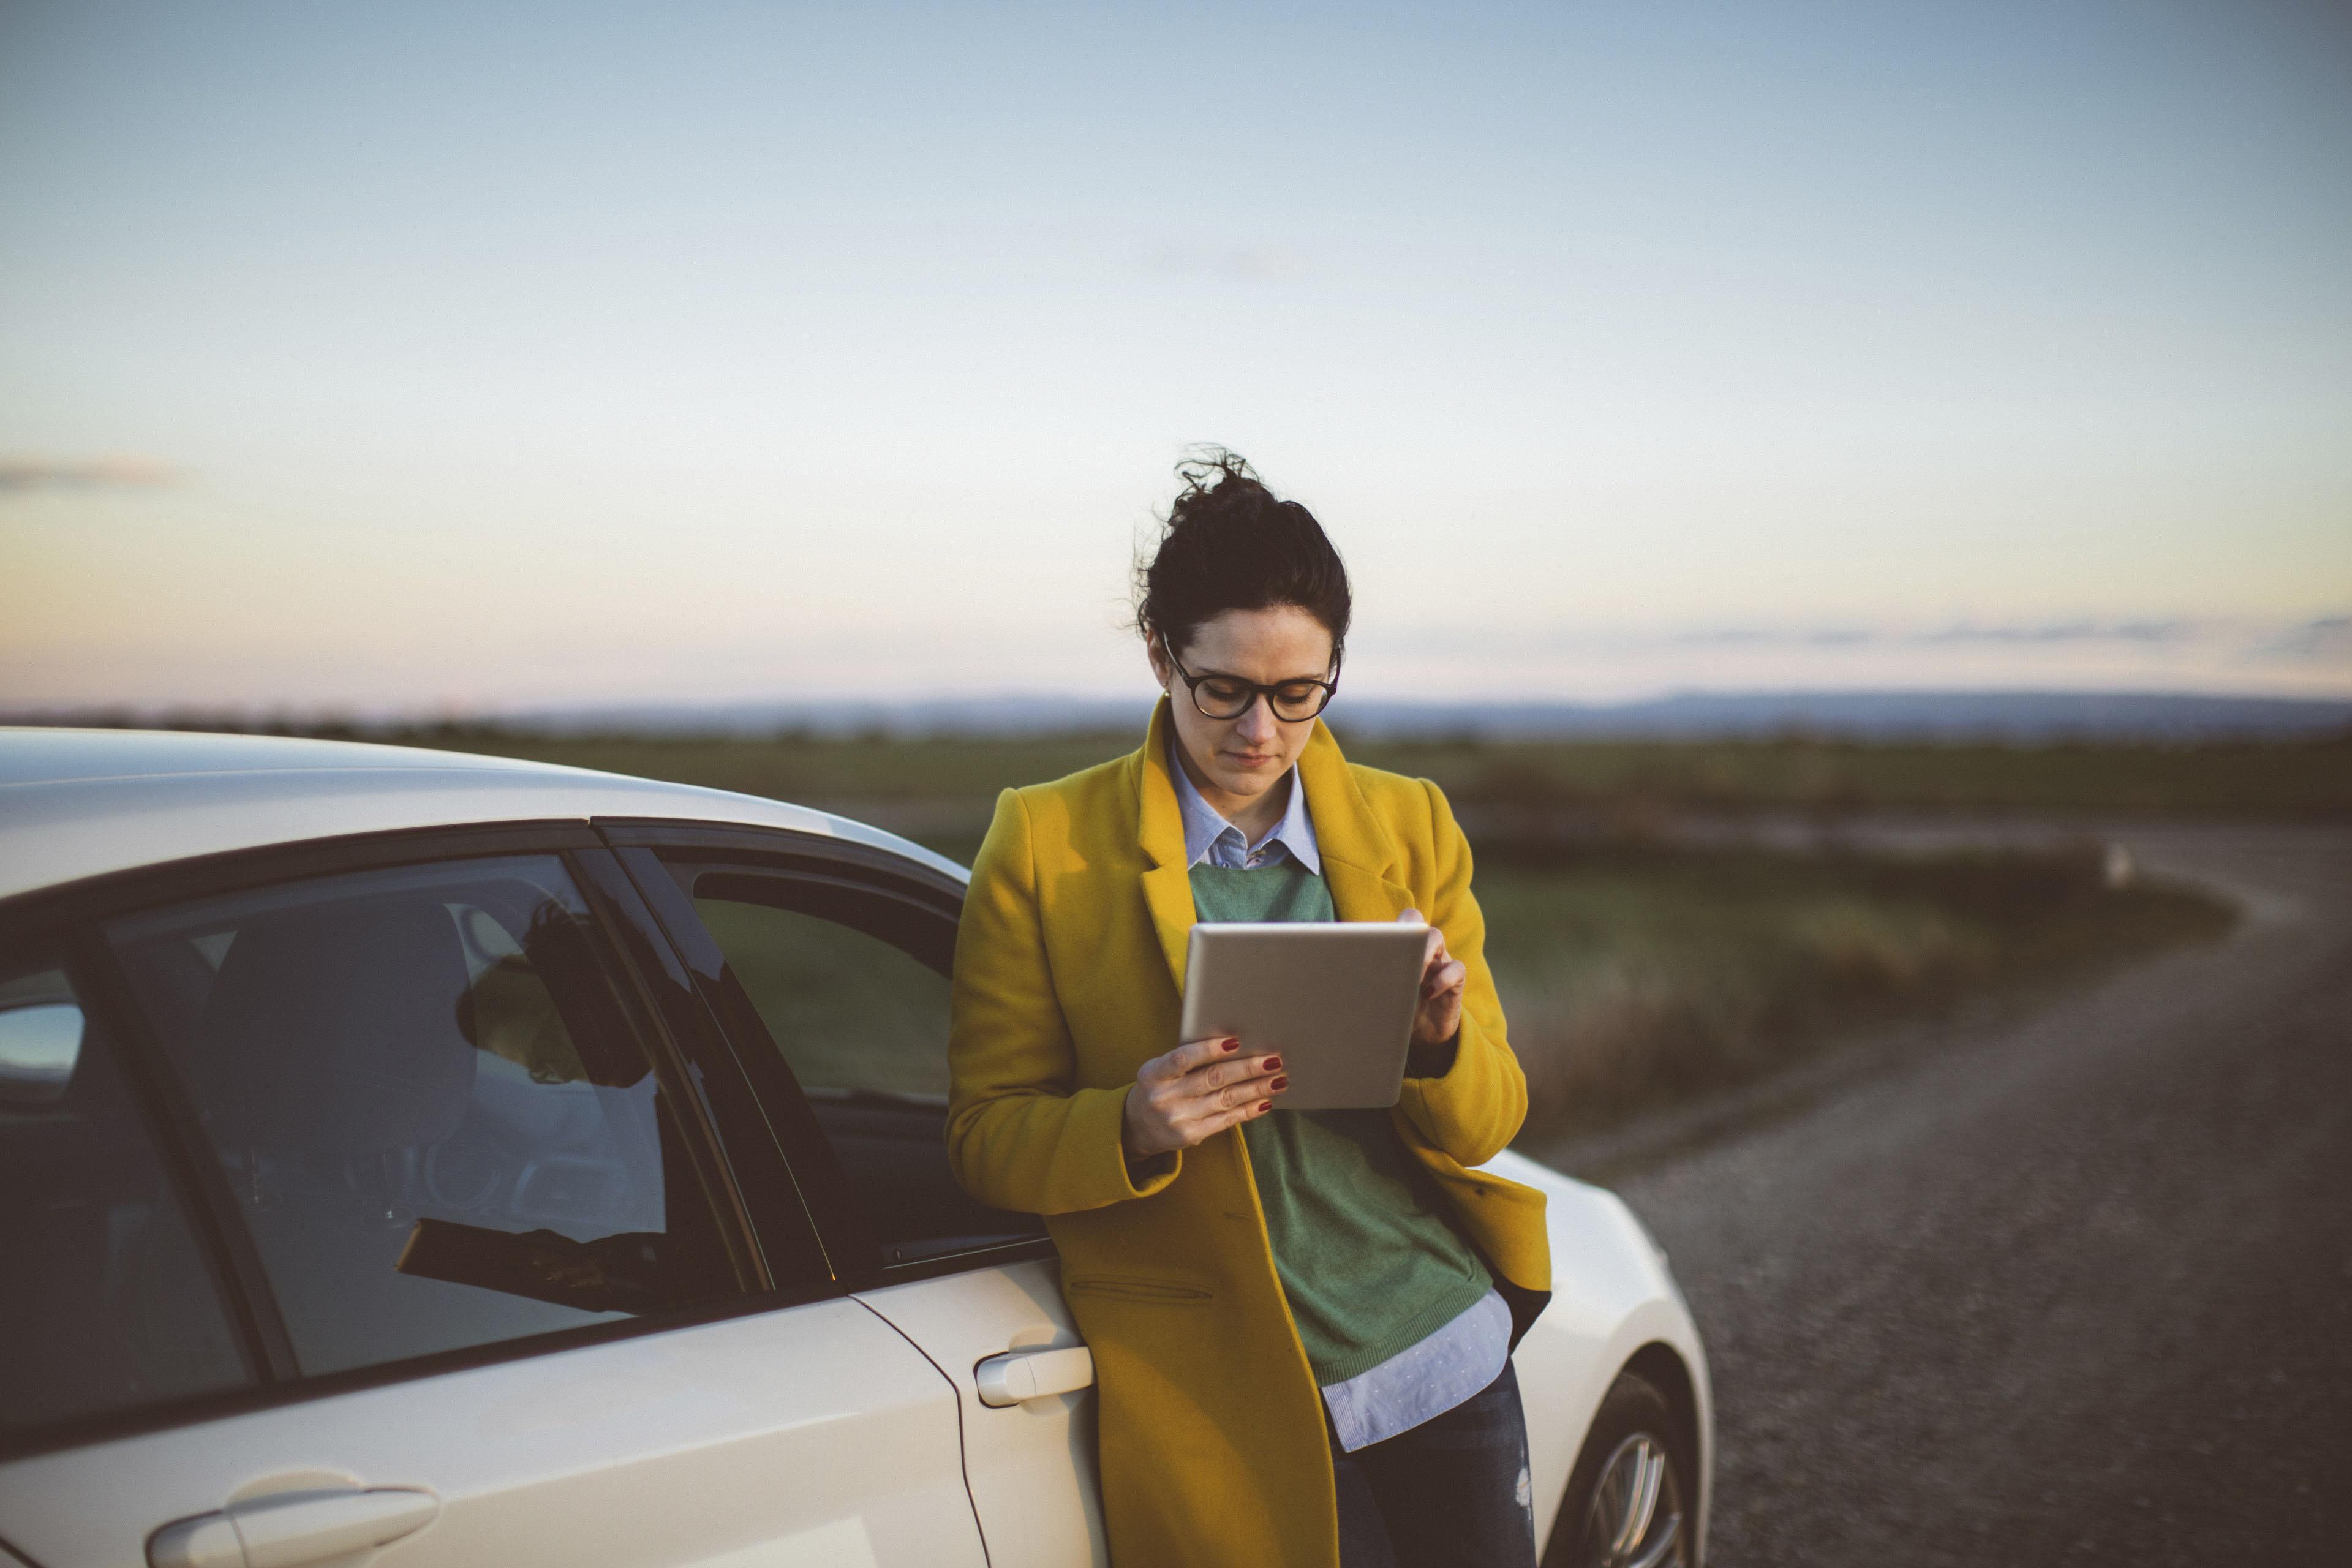 Женщина задумчиво изучает содержание статьи на экране планшета